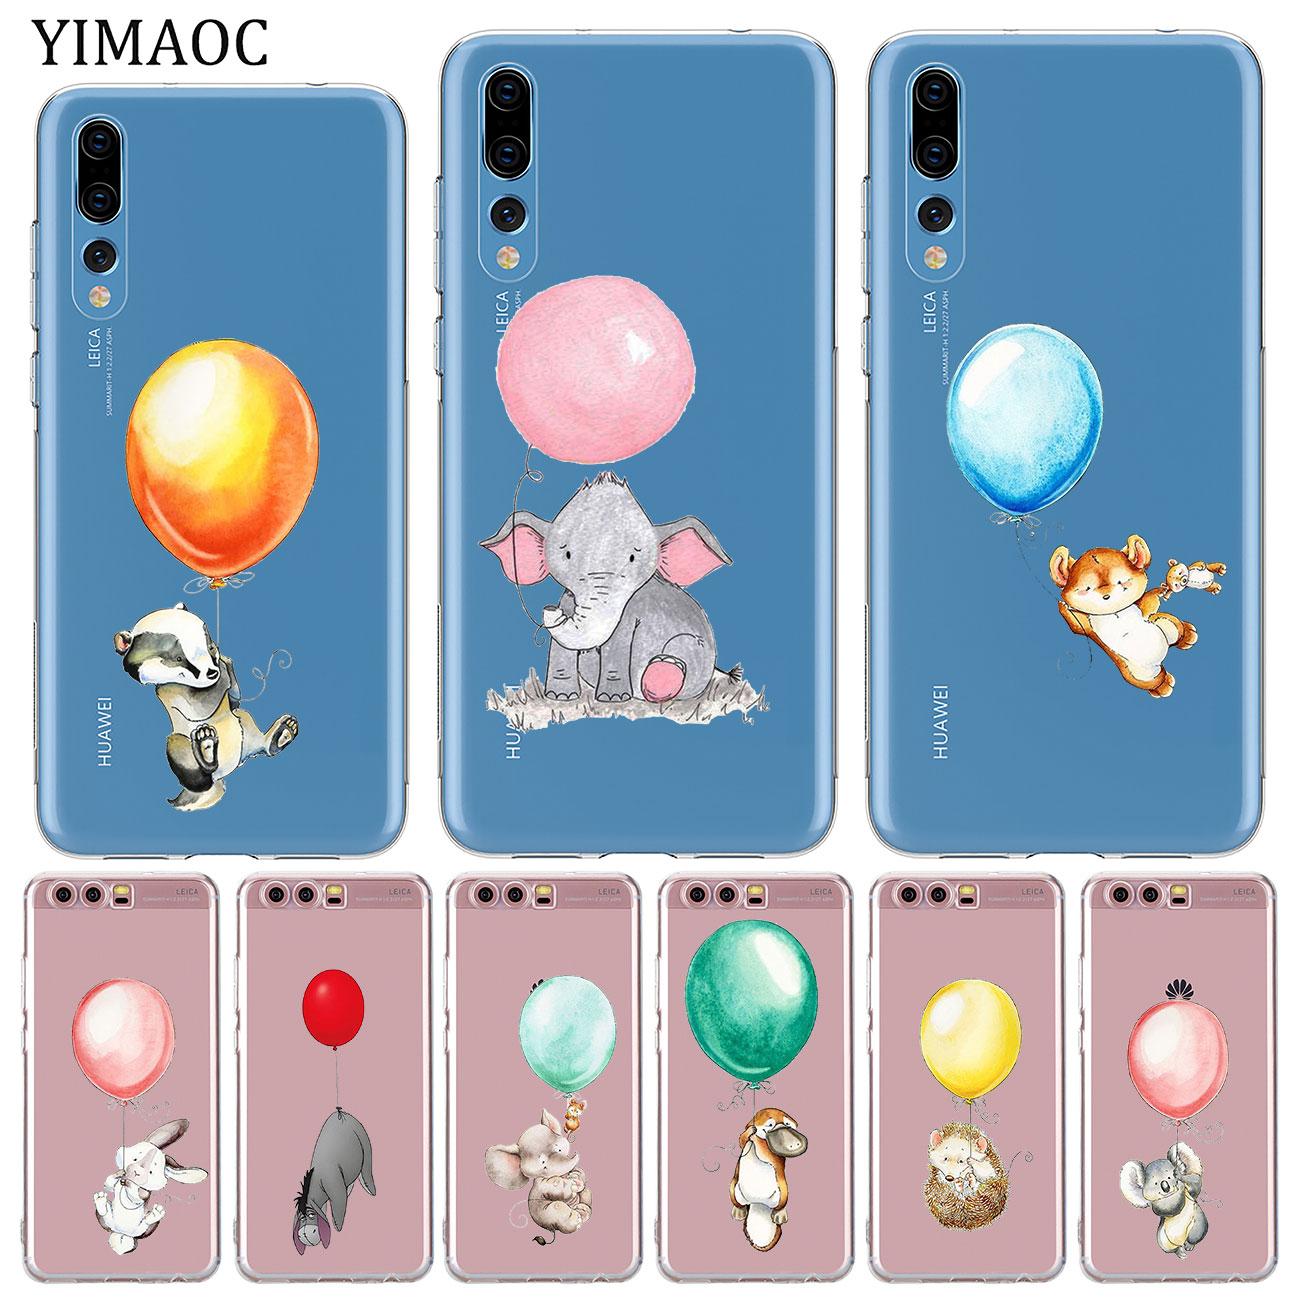 YIMAOC-Funda de silicona suave con forma de globo, conejo, elefante, animal, para...